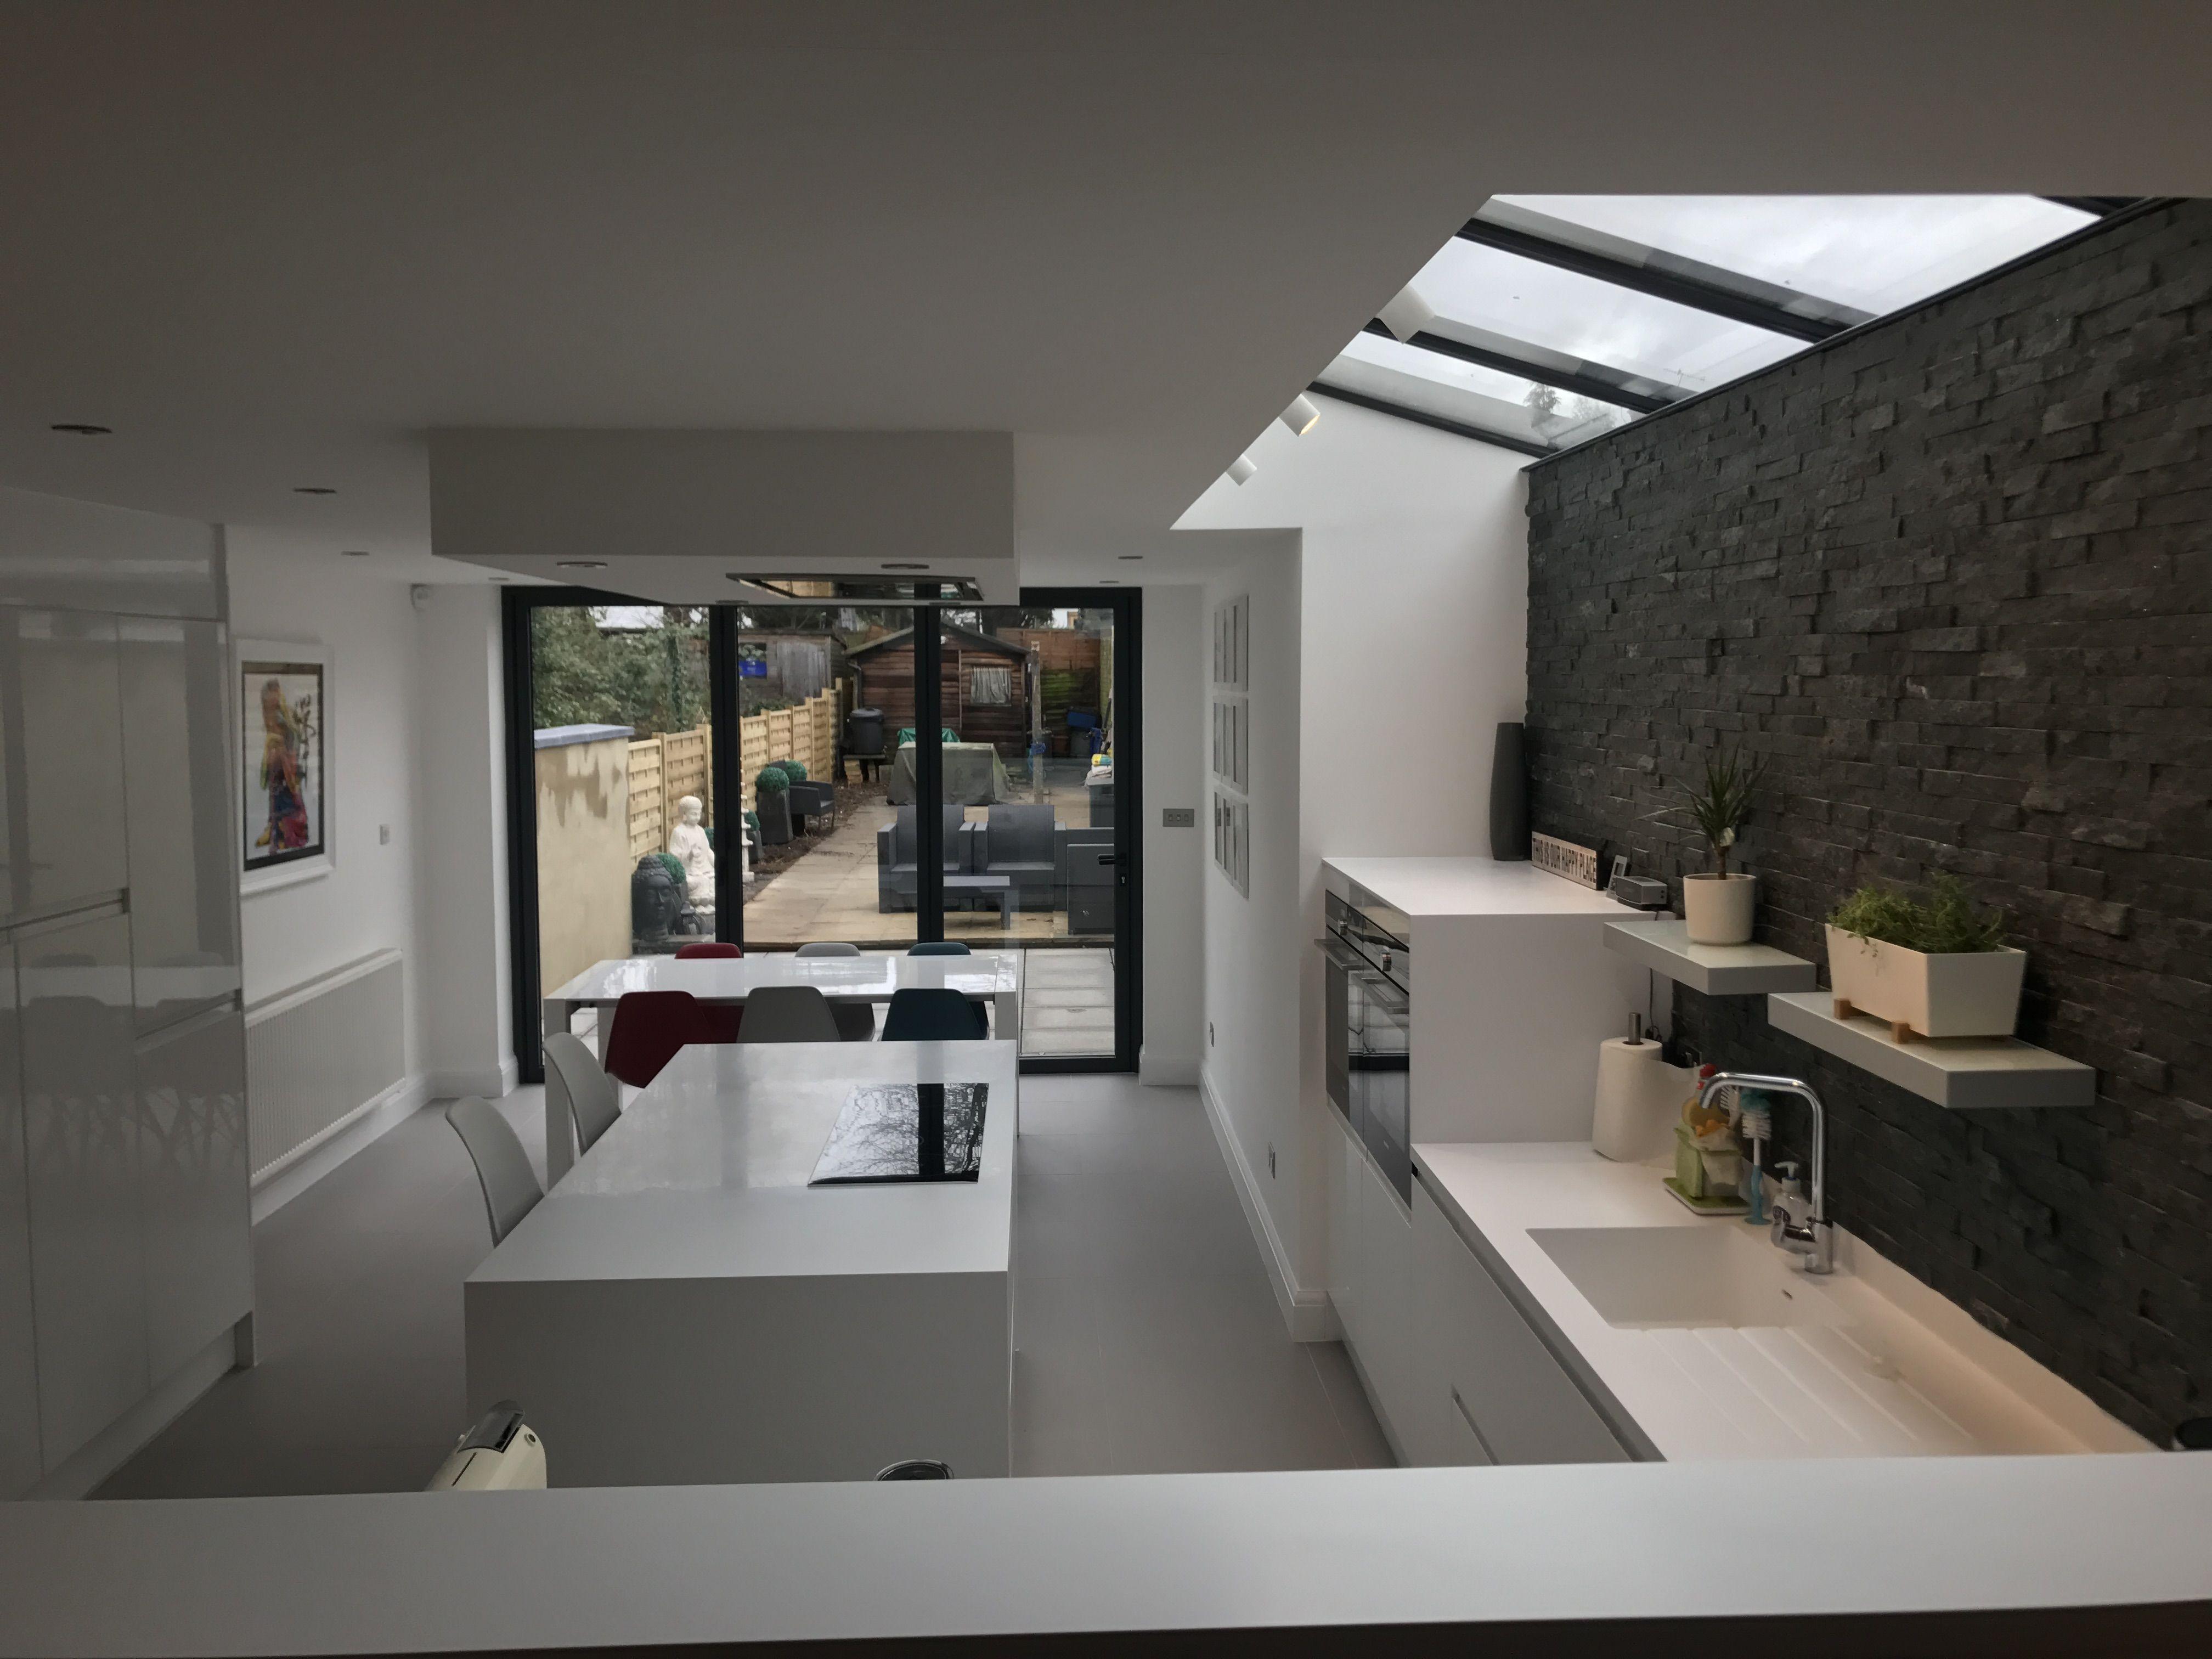 Glass Fliser Til Kj?kken : Victorian side return extension glass roof ...